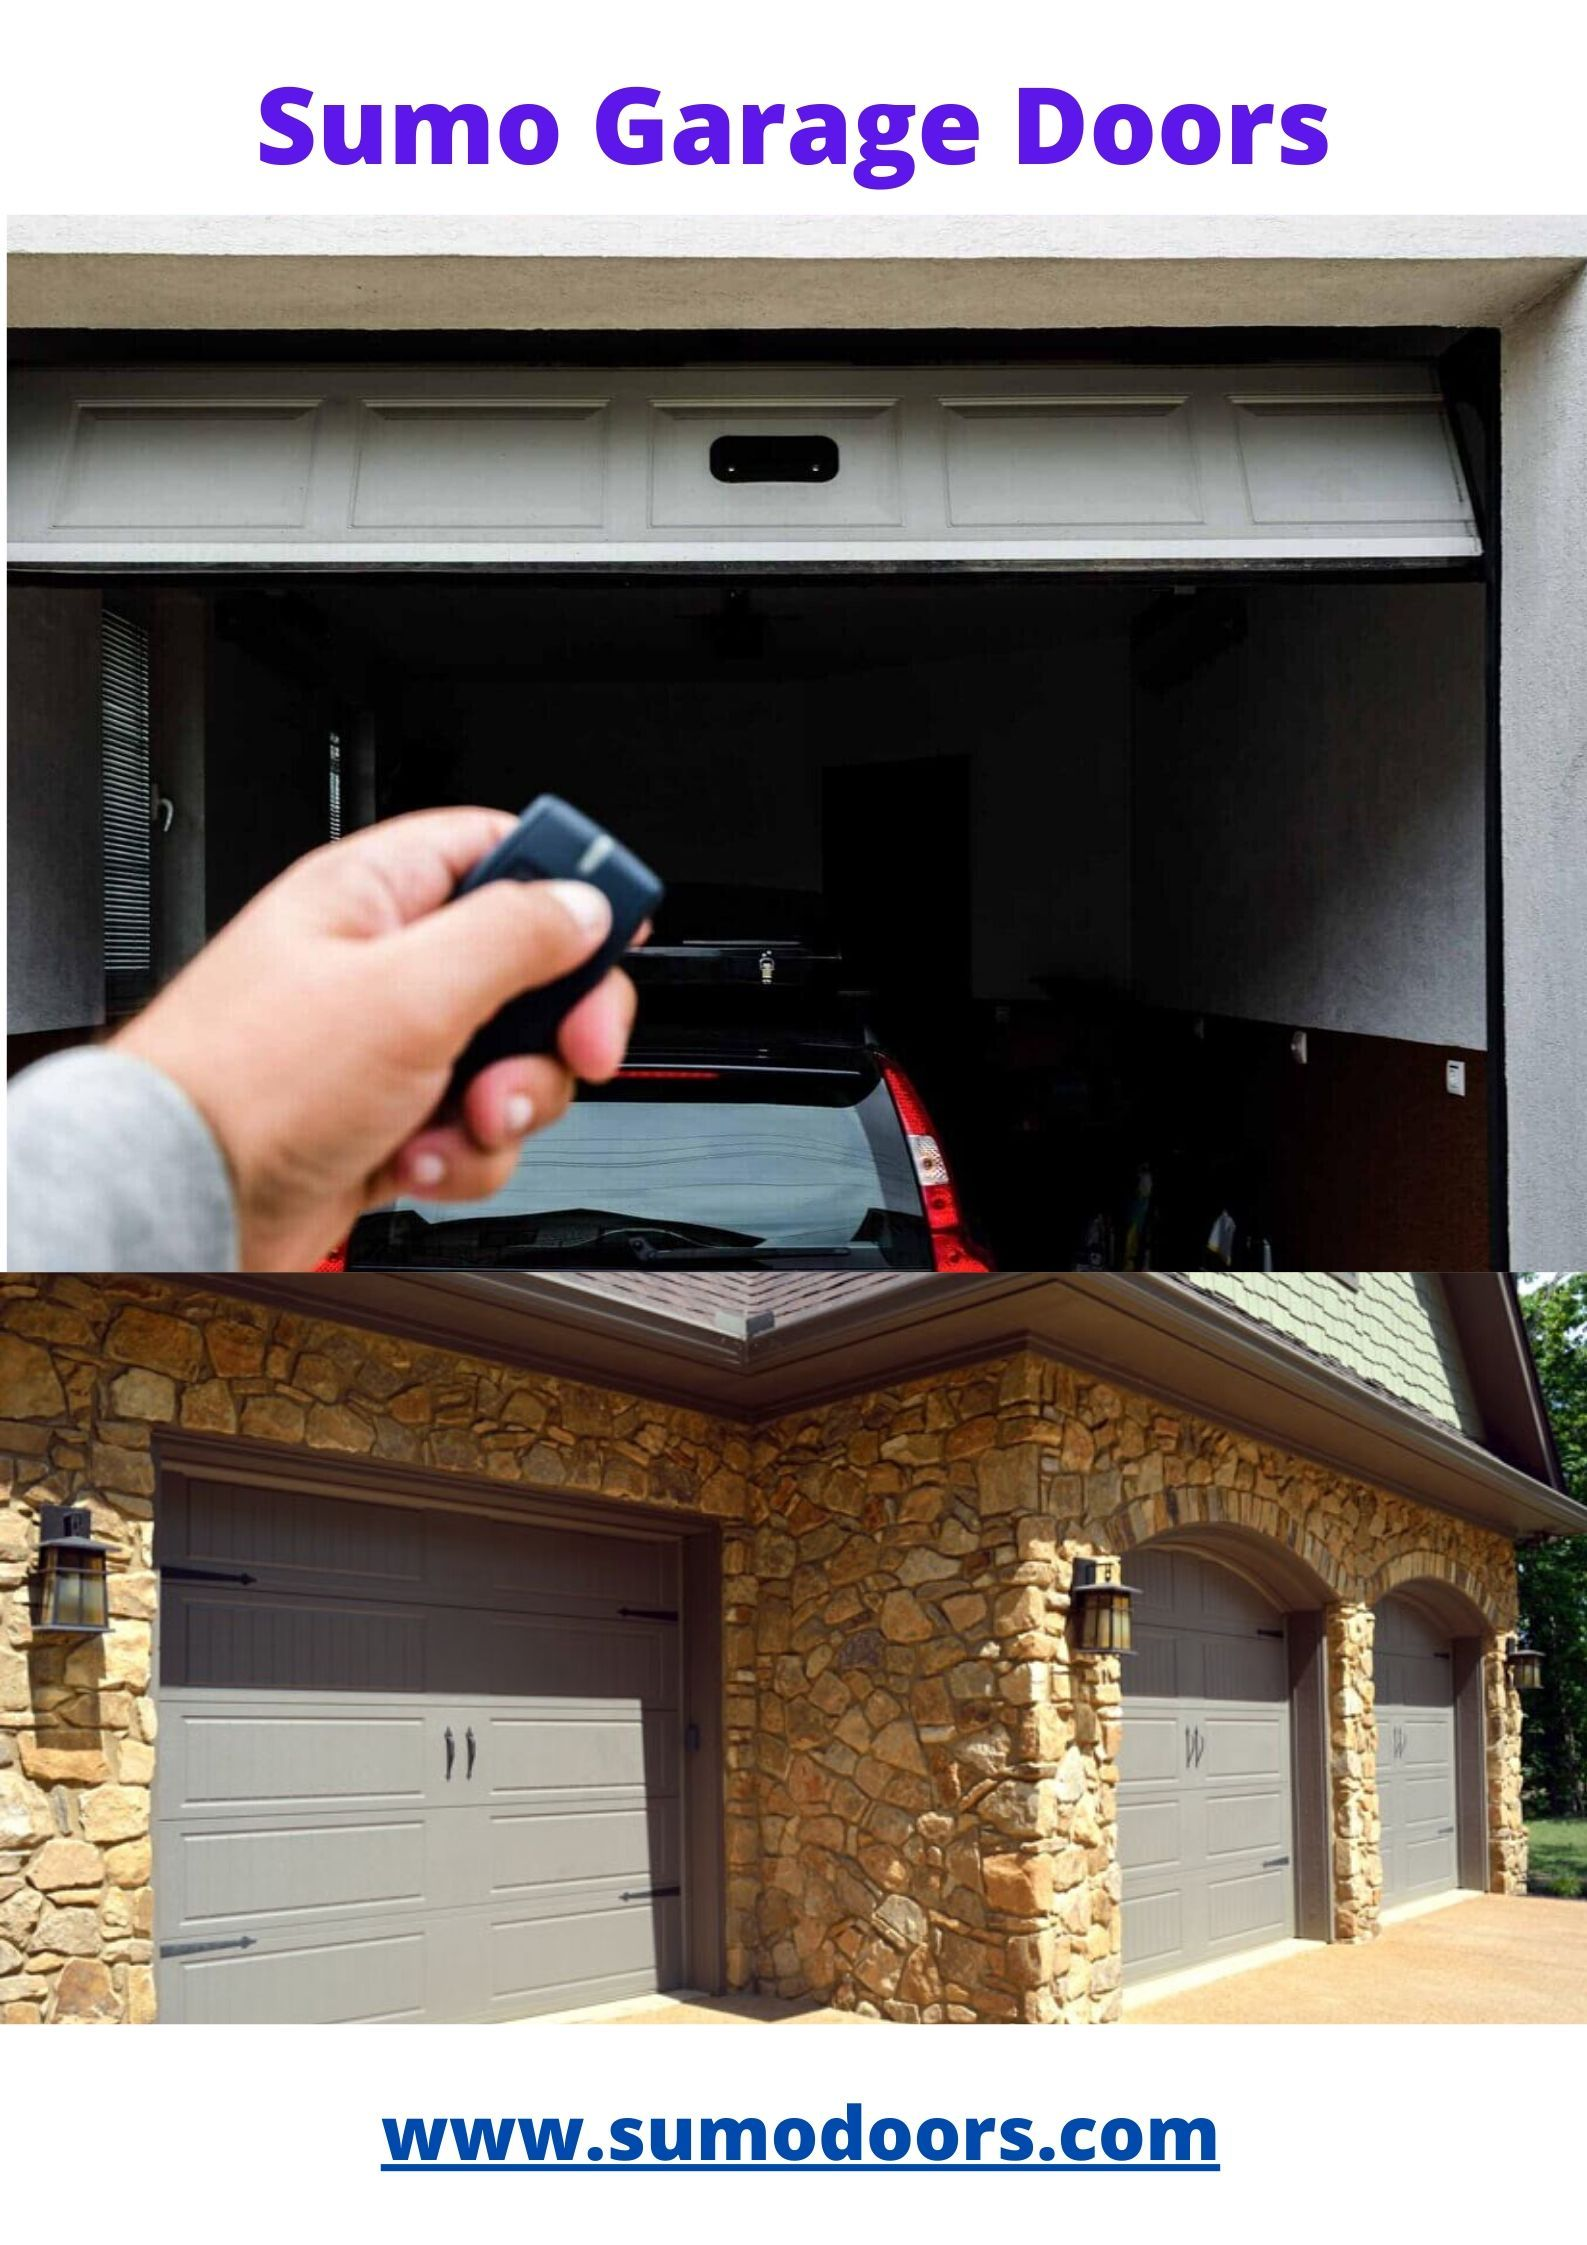 Automatic garage door opener in 2020 automatic garage